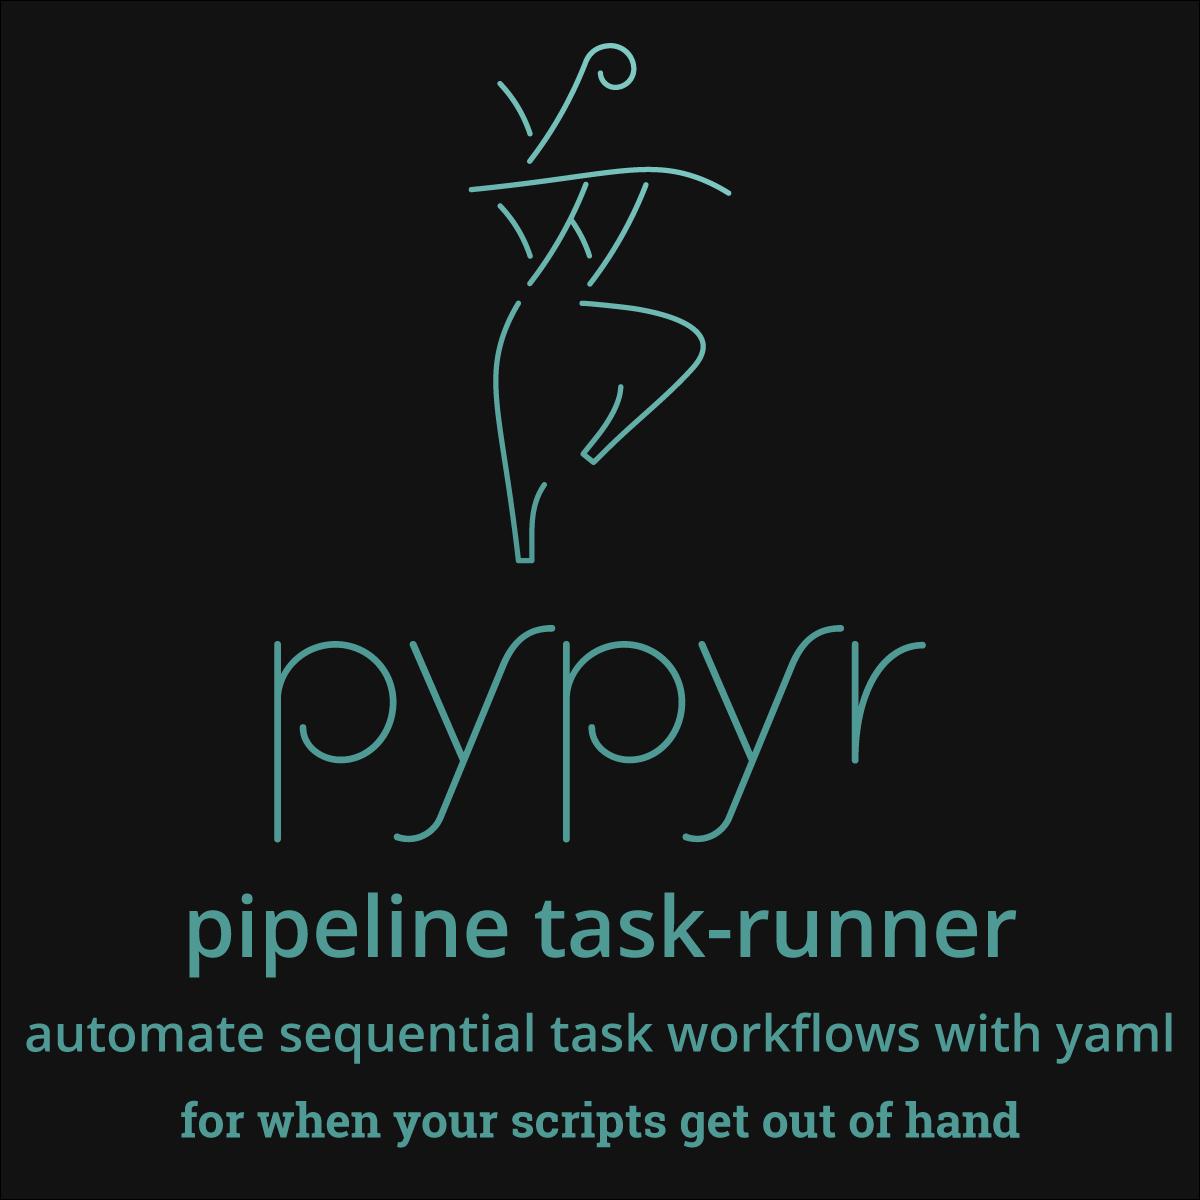 pypyr 1x1 banner